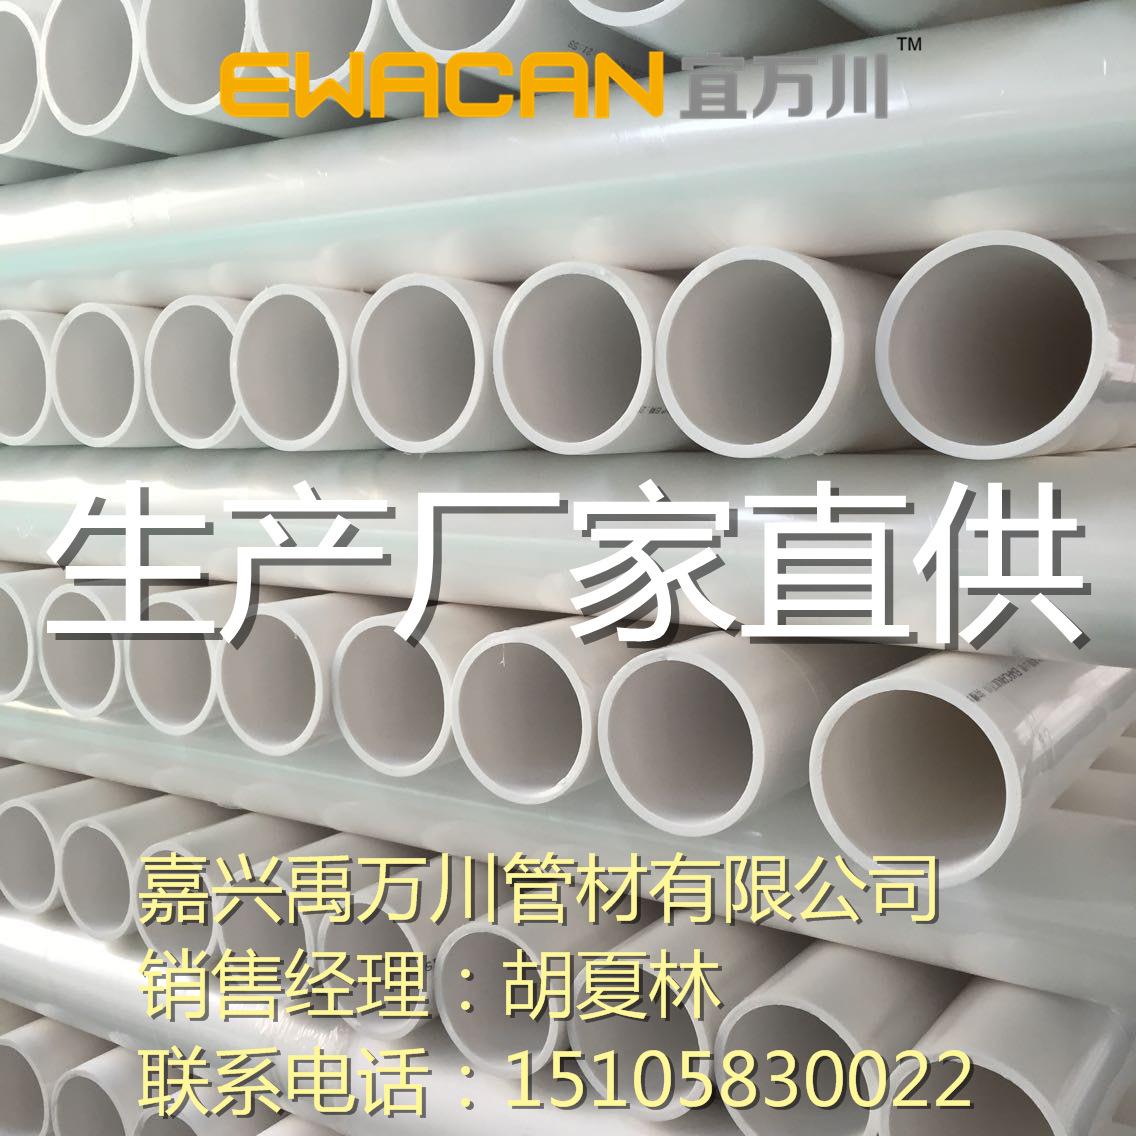 沟槽式HDPE超静音排水管,管道主材,PE管沟槽连接宜万川静音排水示例图3